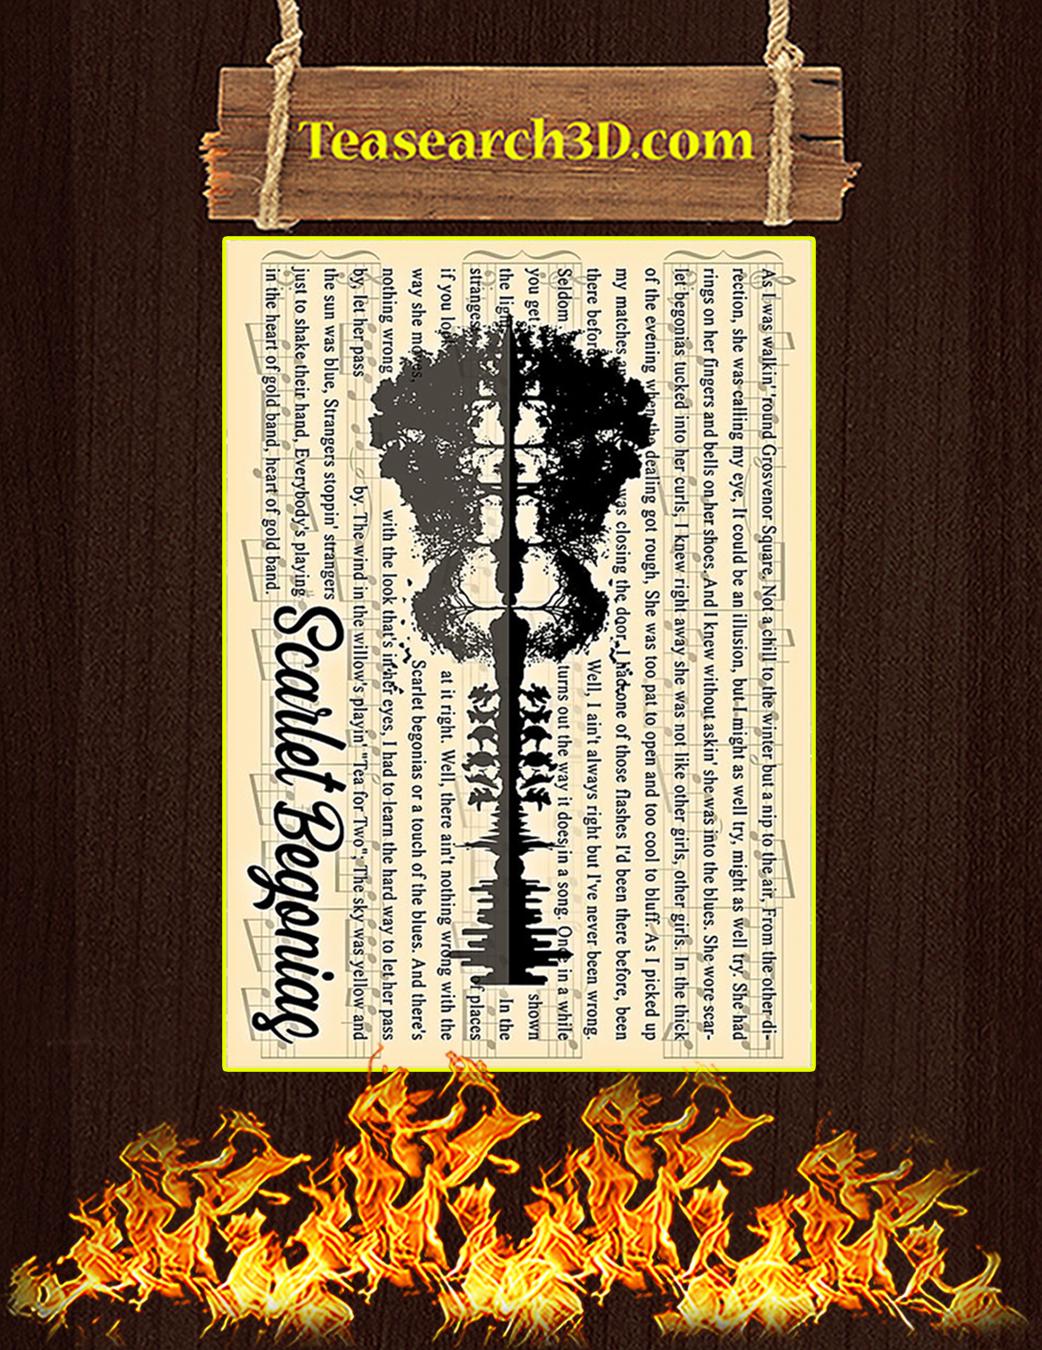 Grateful Dead Scarlet Begonias Poster A1